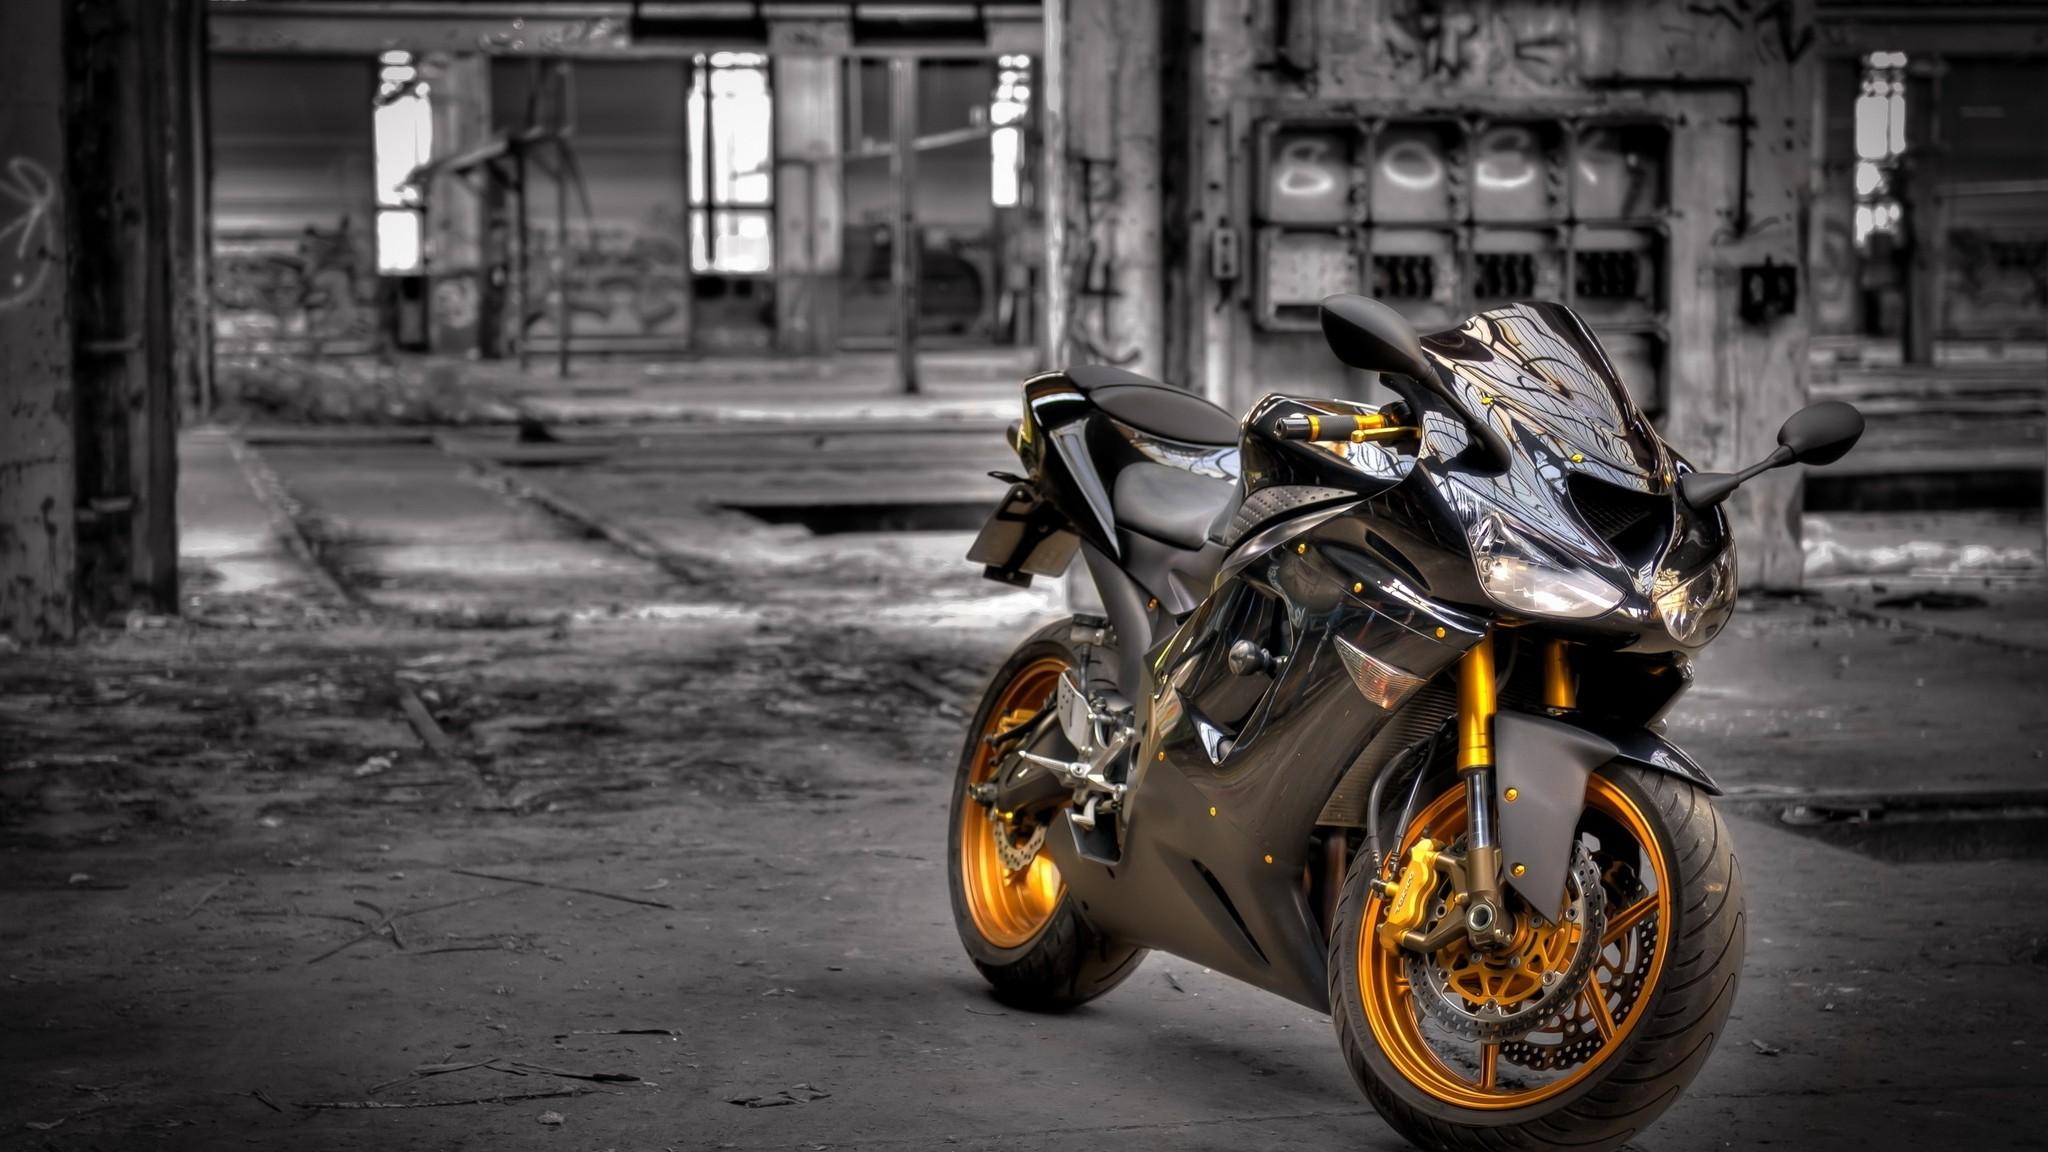 2000x1250 Kawasaki Ninja H2r 11